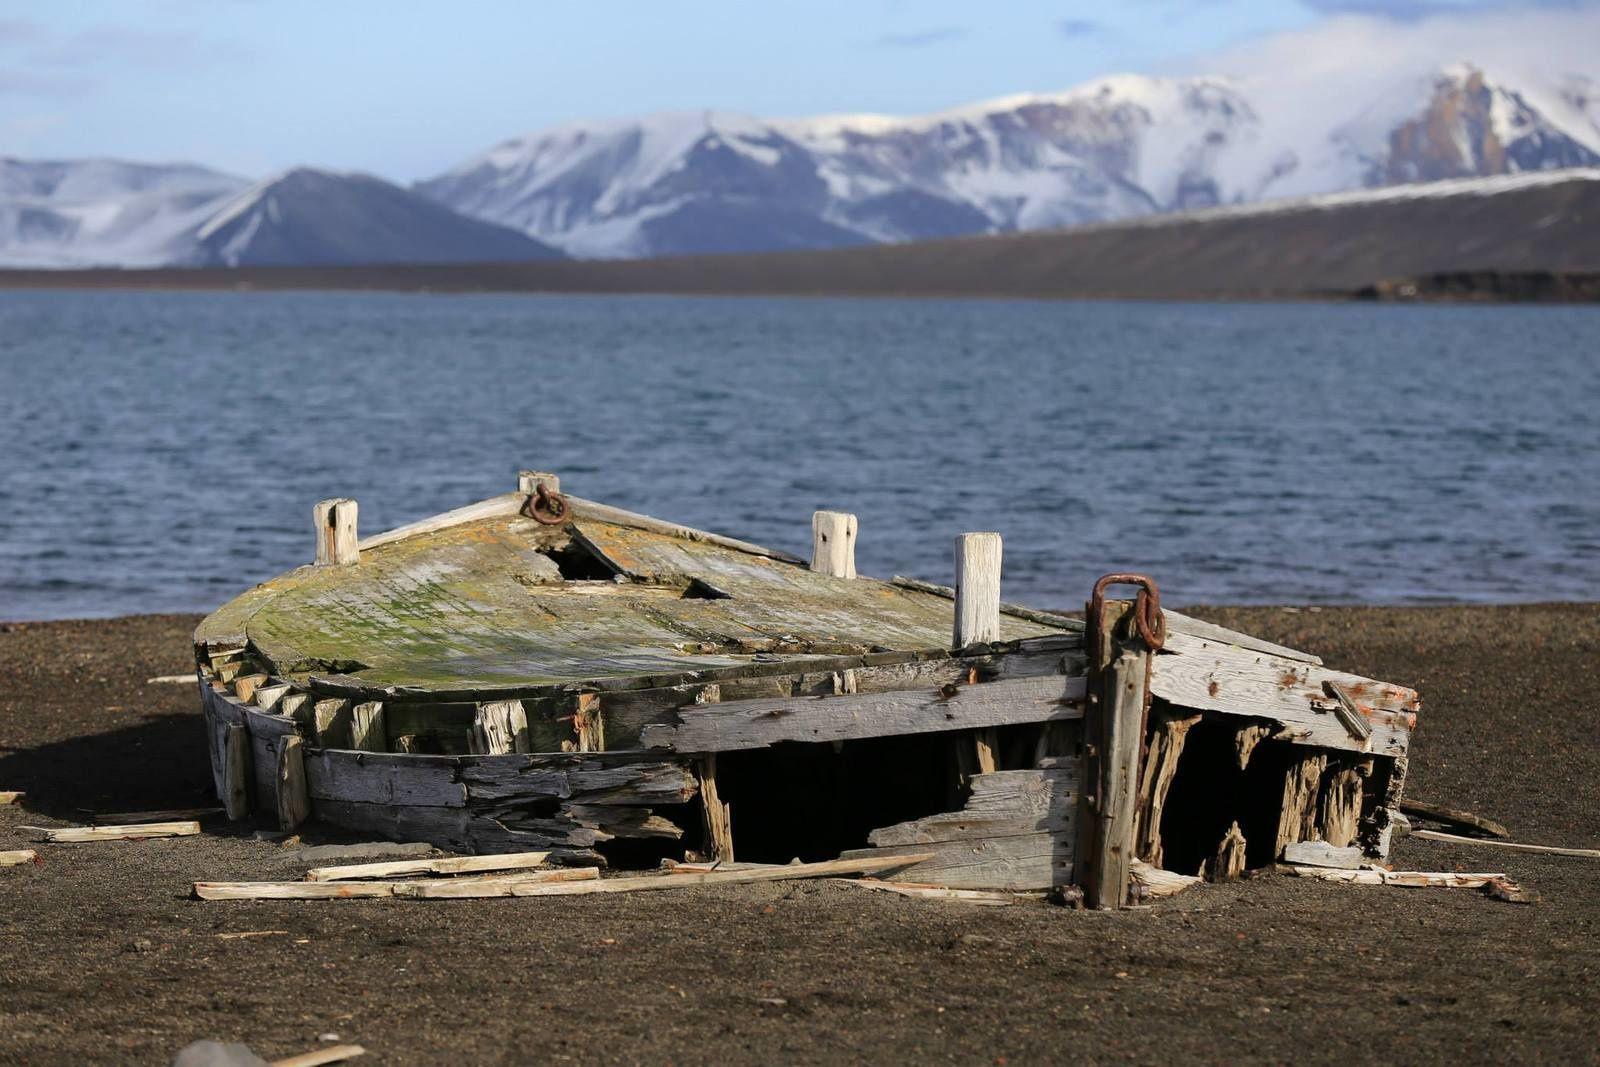 Deception island - quelques barques de chasse à la baleine existent encore - photo Antony Van Eeten 03.2014